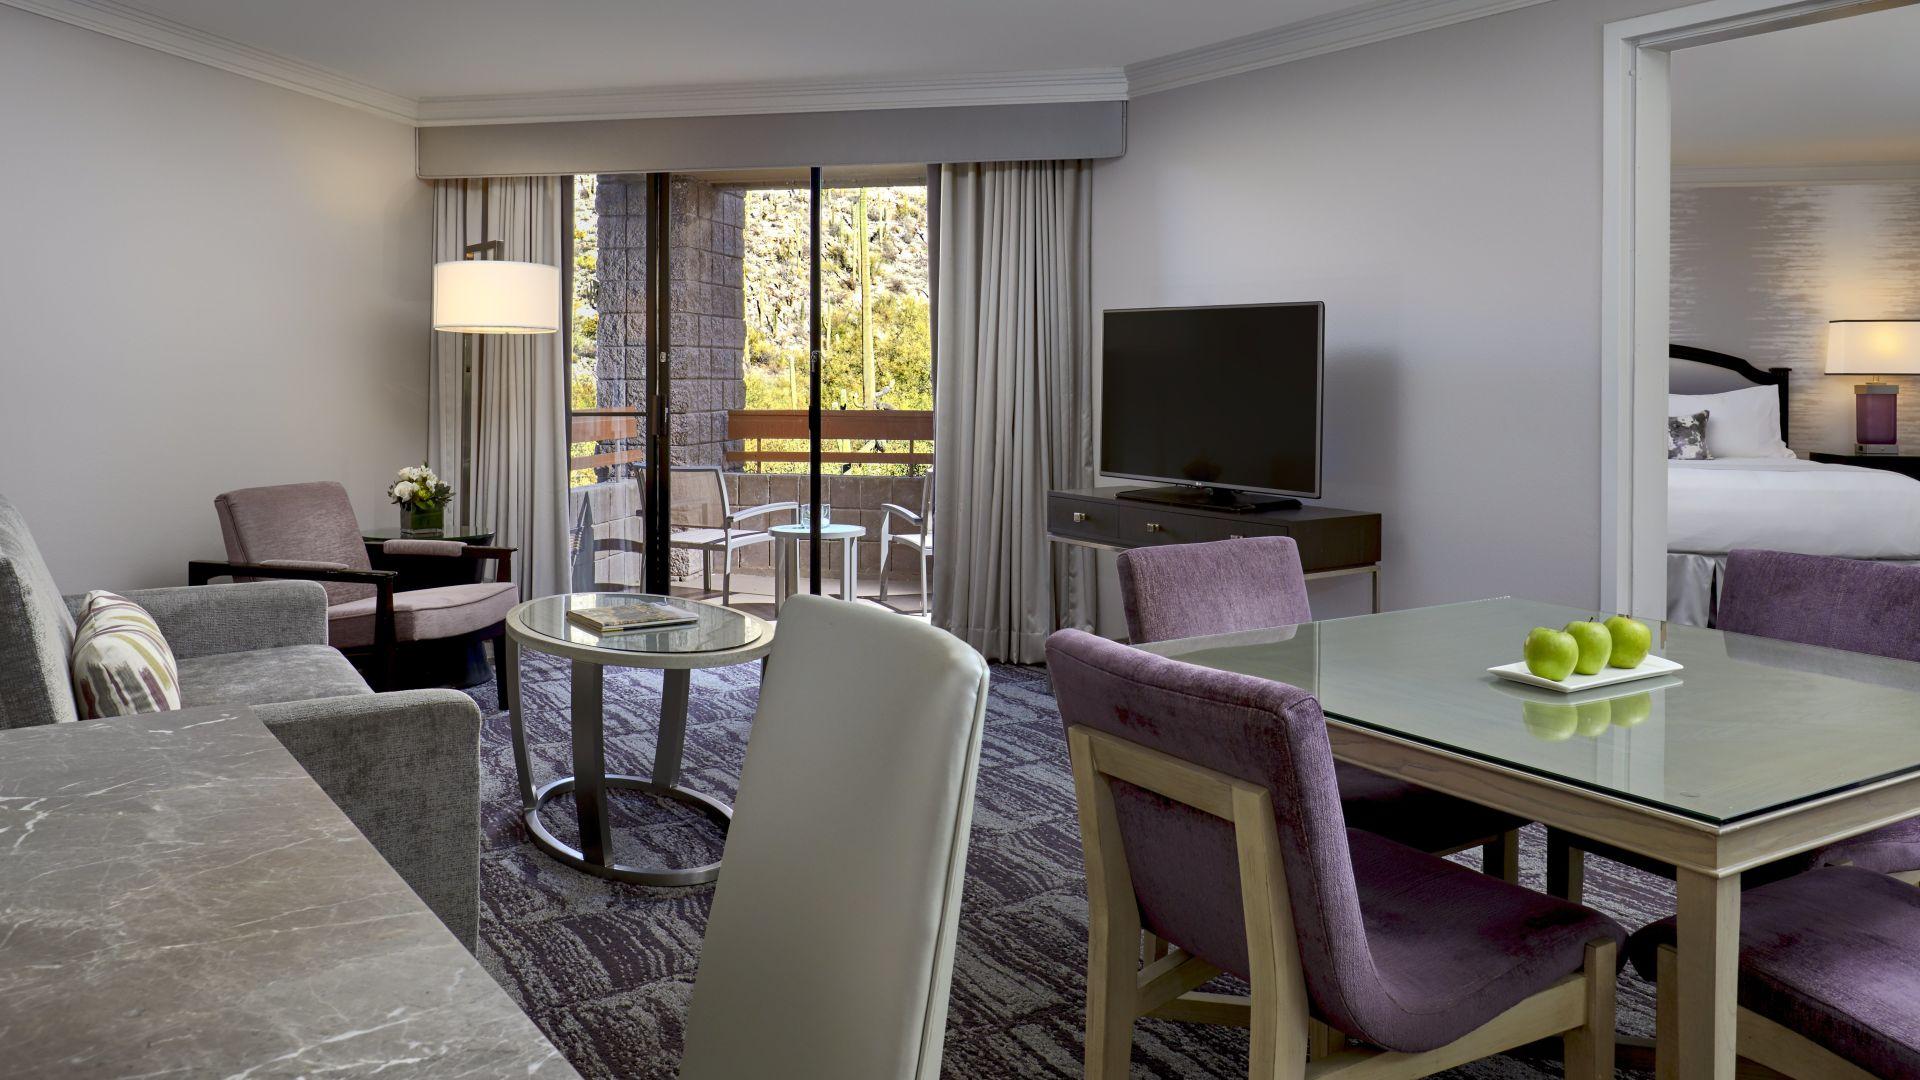 Habitación de huéspedes | Loews Ventana Canyon Resort